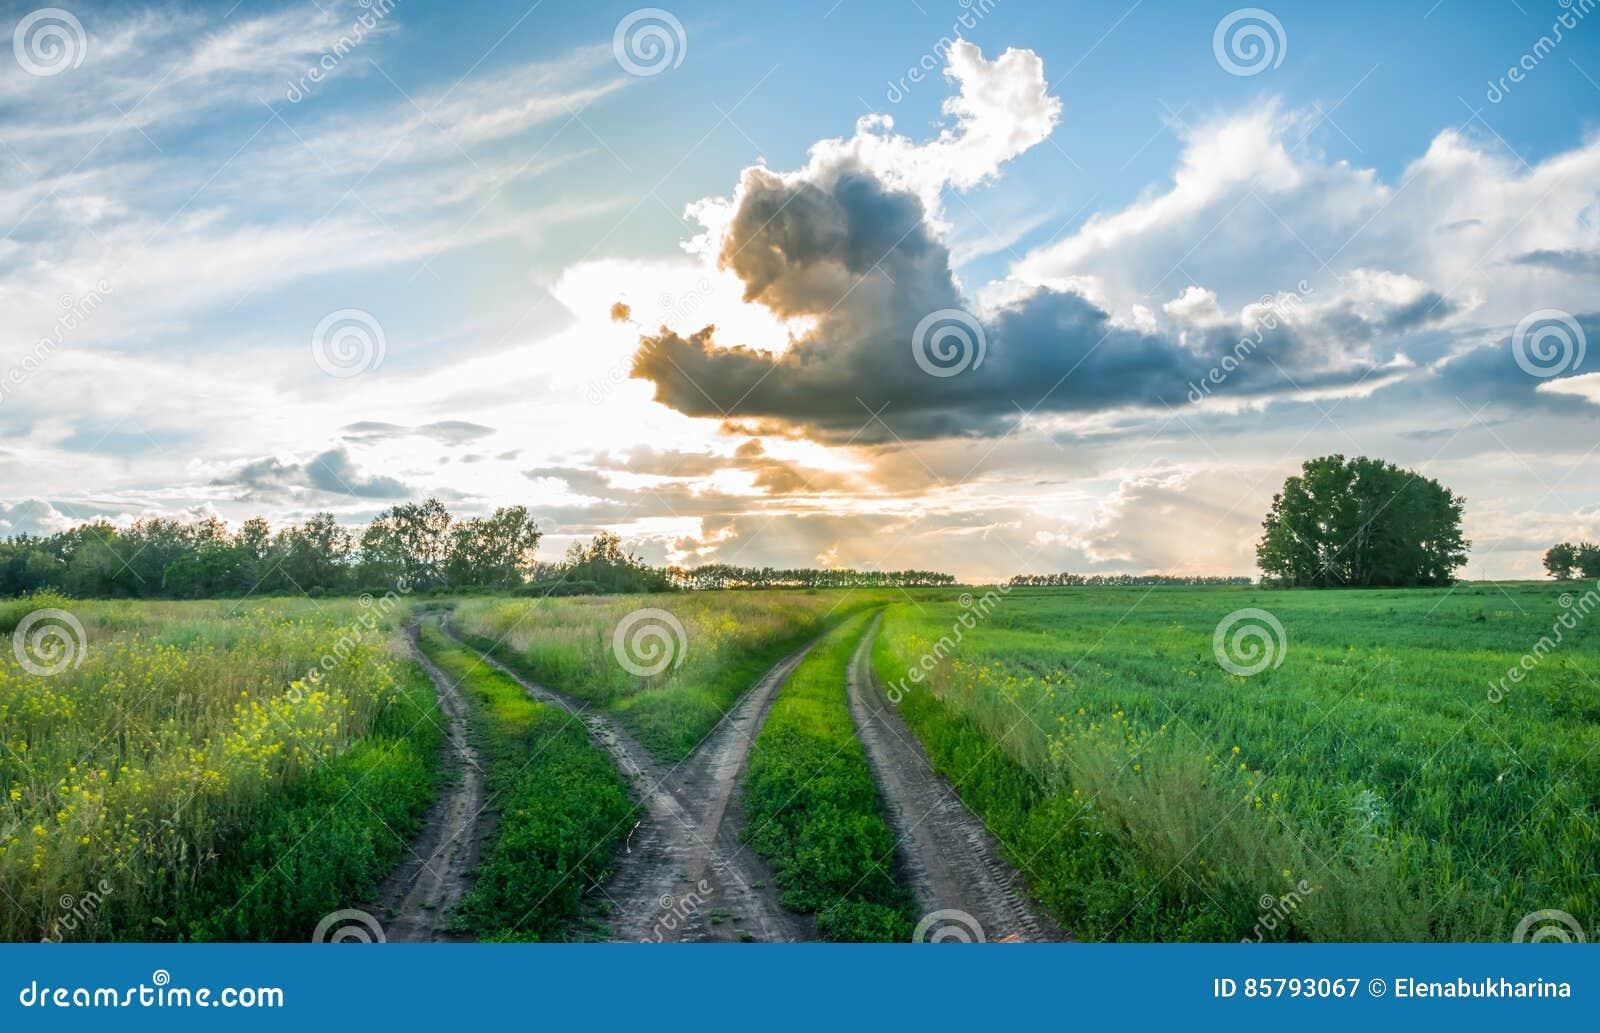 Carrefours dans le domaine au coucher du soleil Route de campagne fendue Beaux nuages Horizontal rural